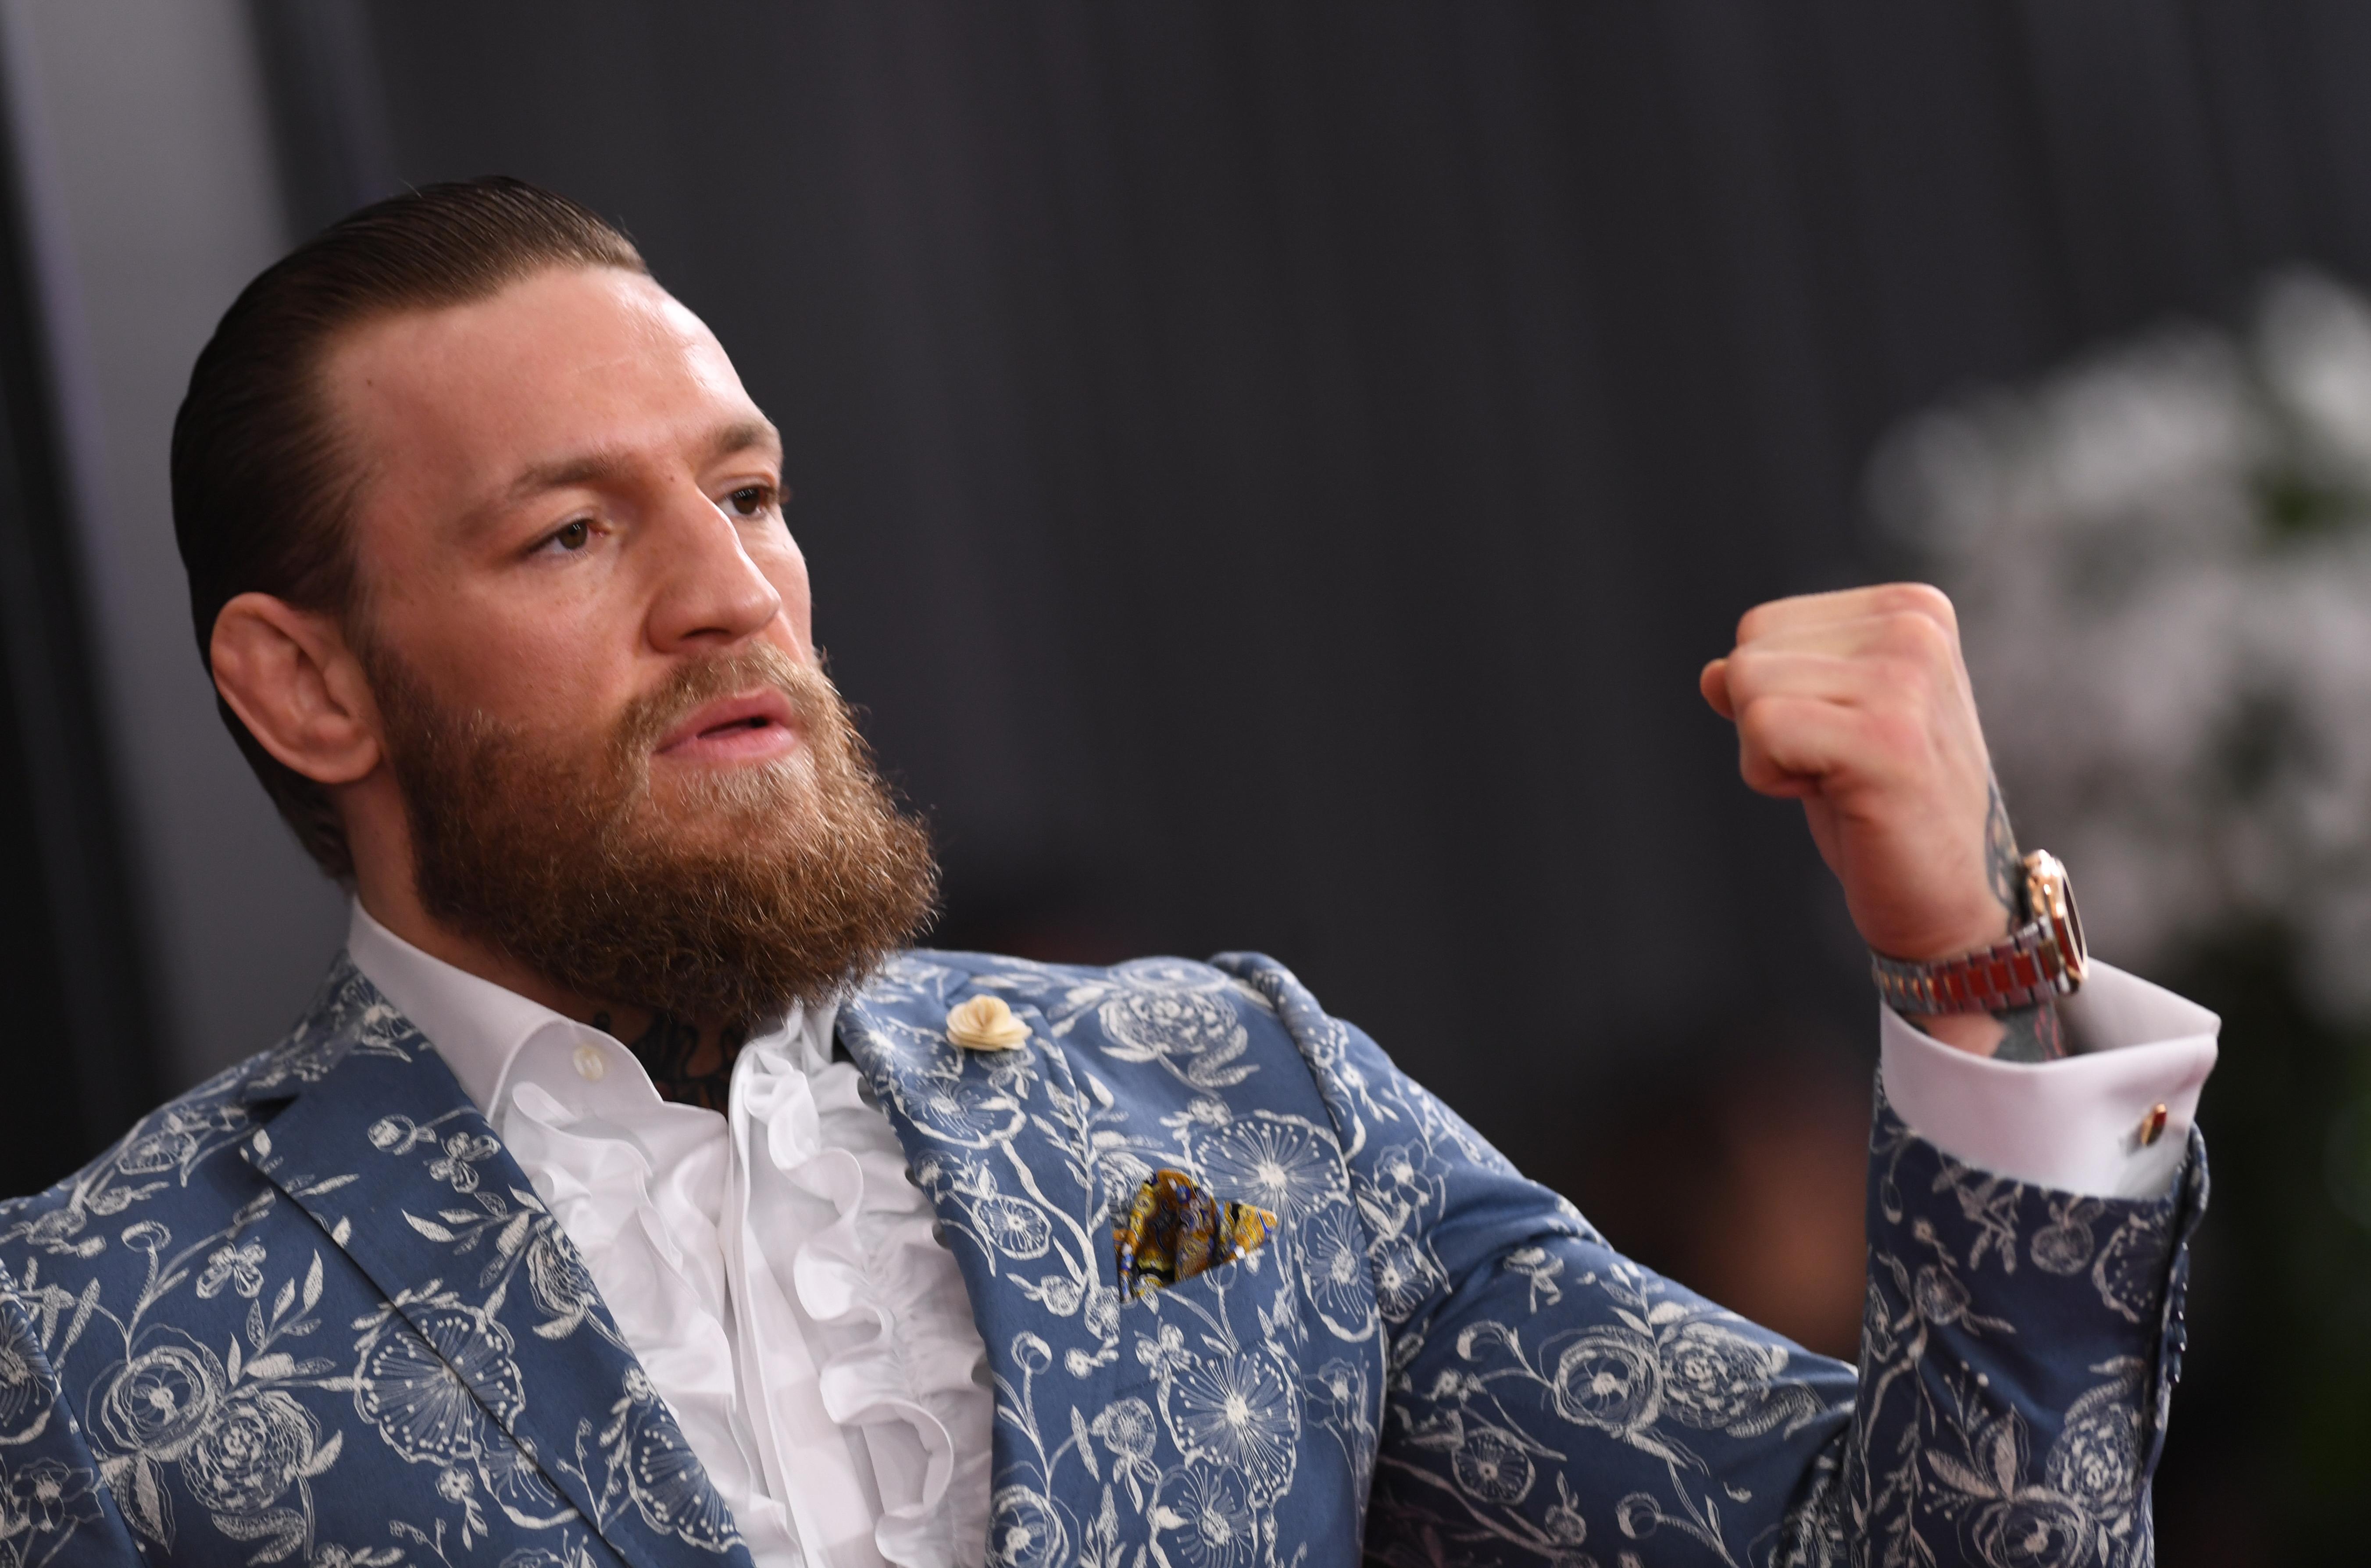 Hiába ütötték ki, így is Conor McGregor volt az elmúlt év legjobban kereső sportolója